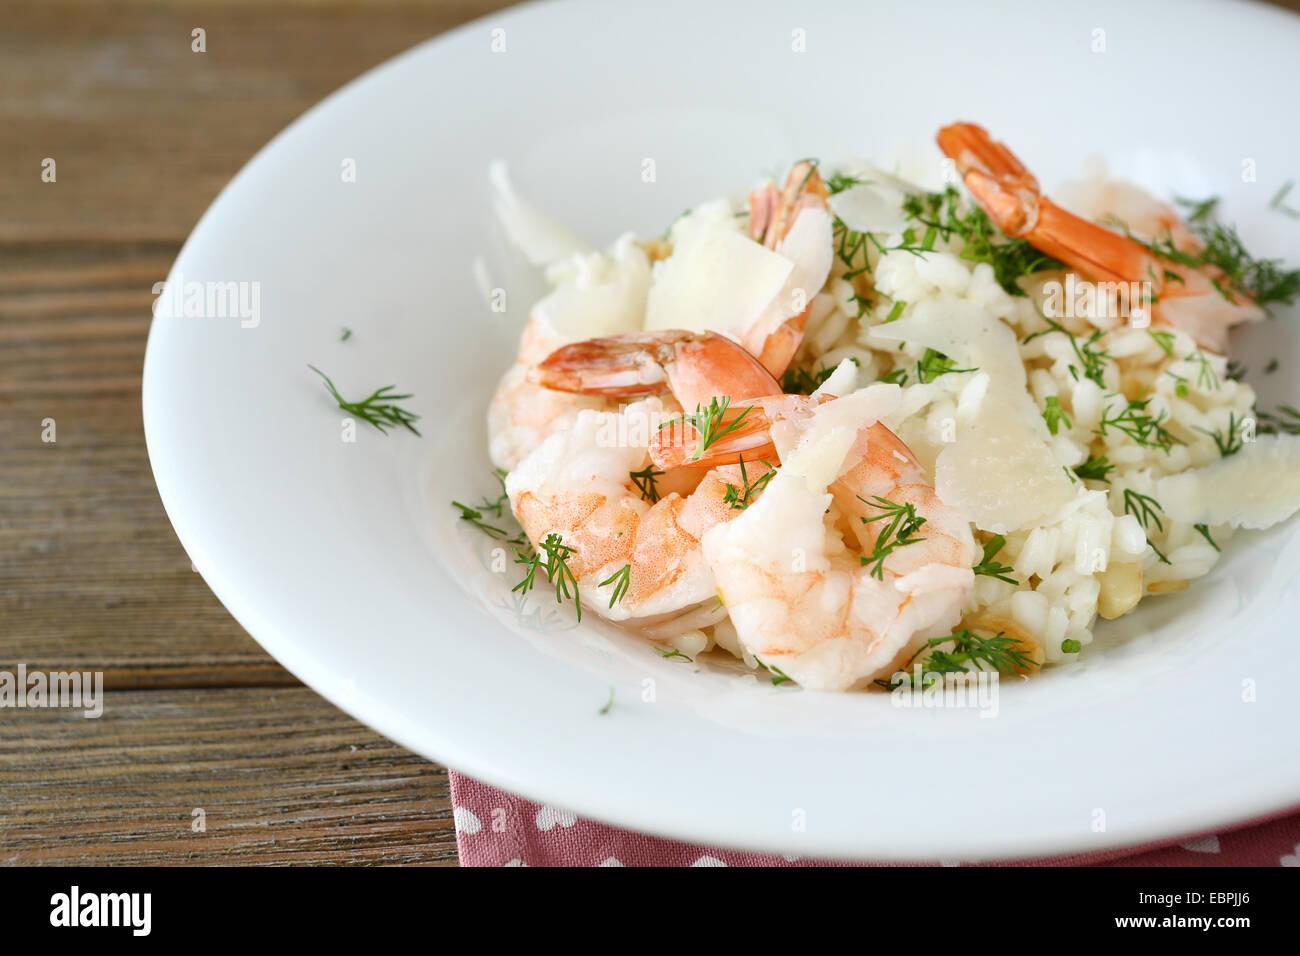 Reis mit Garnelen und Dill, Essen Nahaufnahme Stockbild